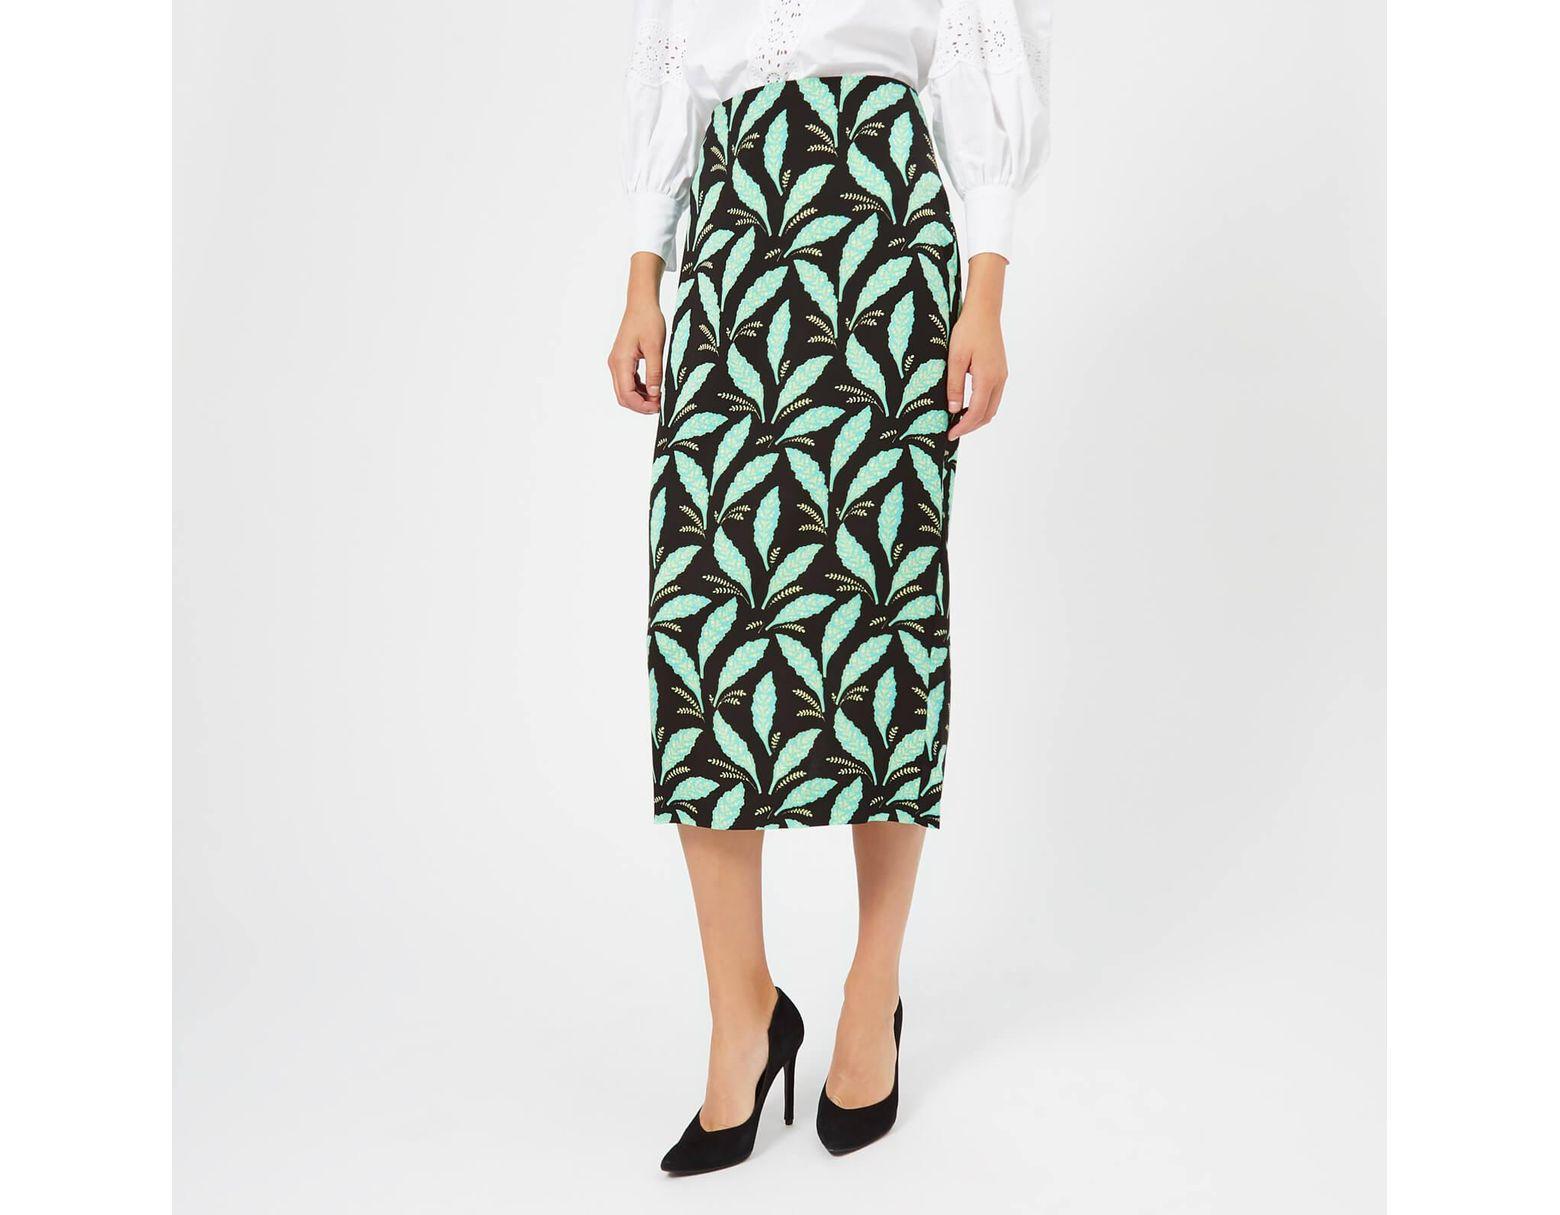 f7b95f044 Diane von Furstenberg Printed Pencil Skirt in Green - Save 50% - Lyst